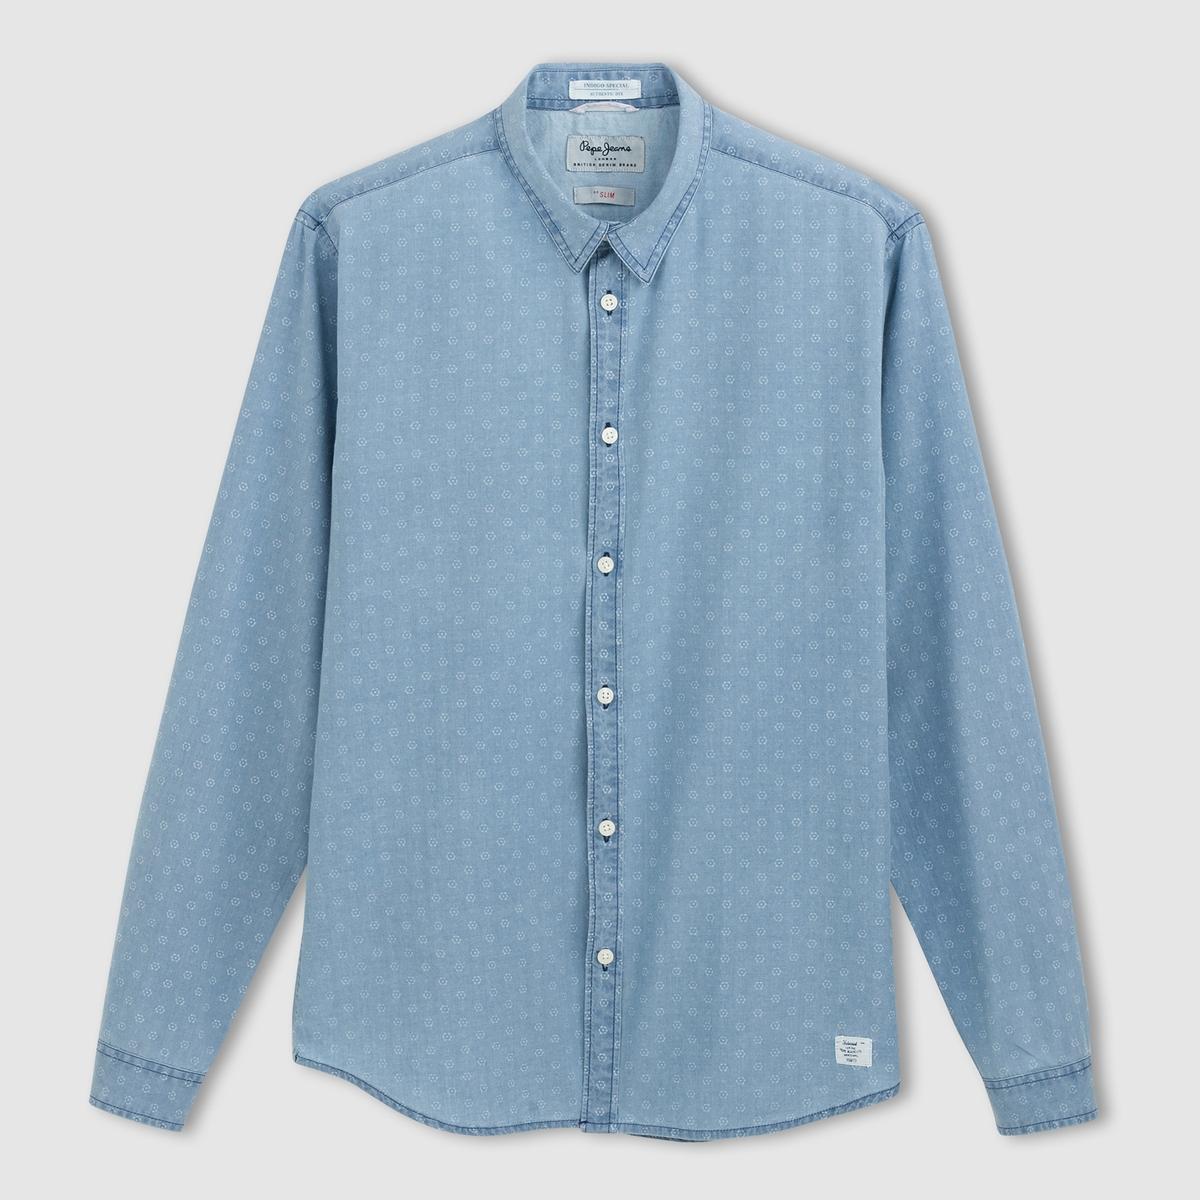 Рубашка с длинными рукавами CAUFIELDРубашка CAUFIELD de PEPE JEANS®        Длинные рукава .                   Мелкий рисунок на легком дениме, 100% хлопка. Воротник с уголками.<br><br>Цвет: светлый индиго<br>Размер: L